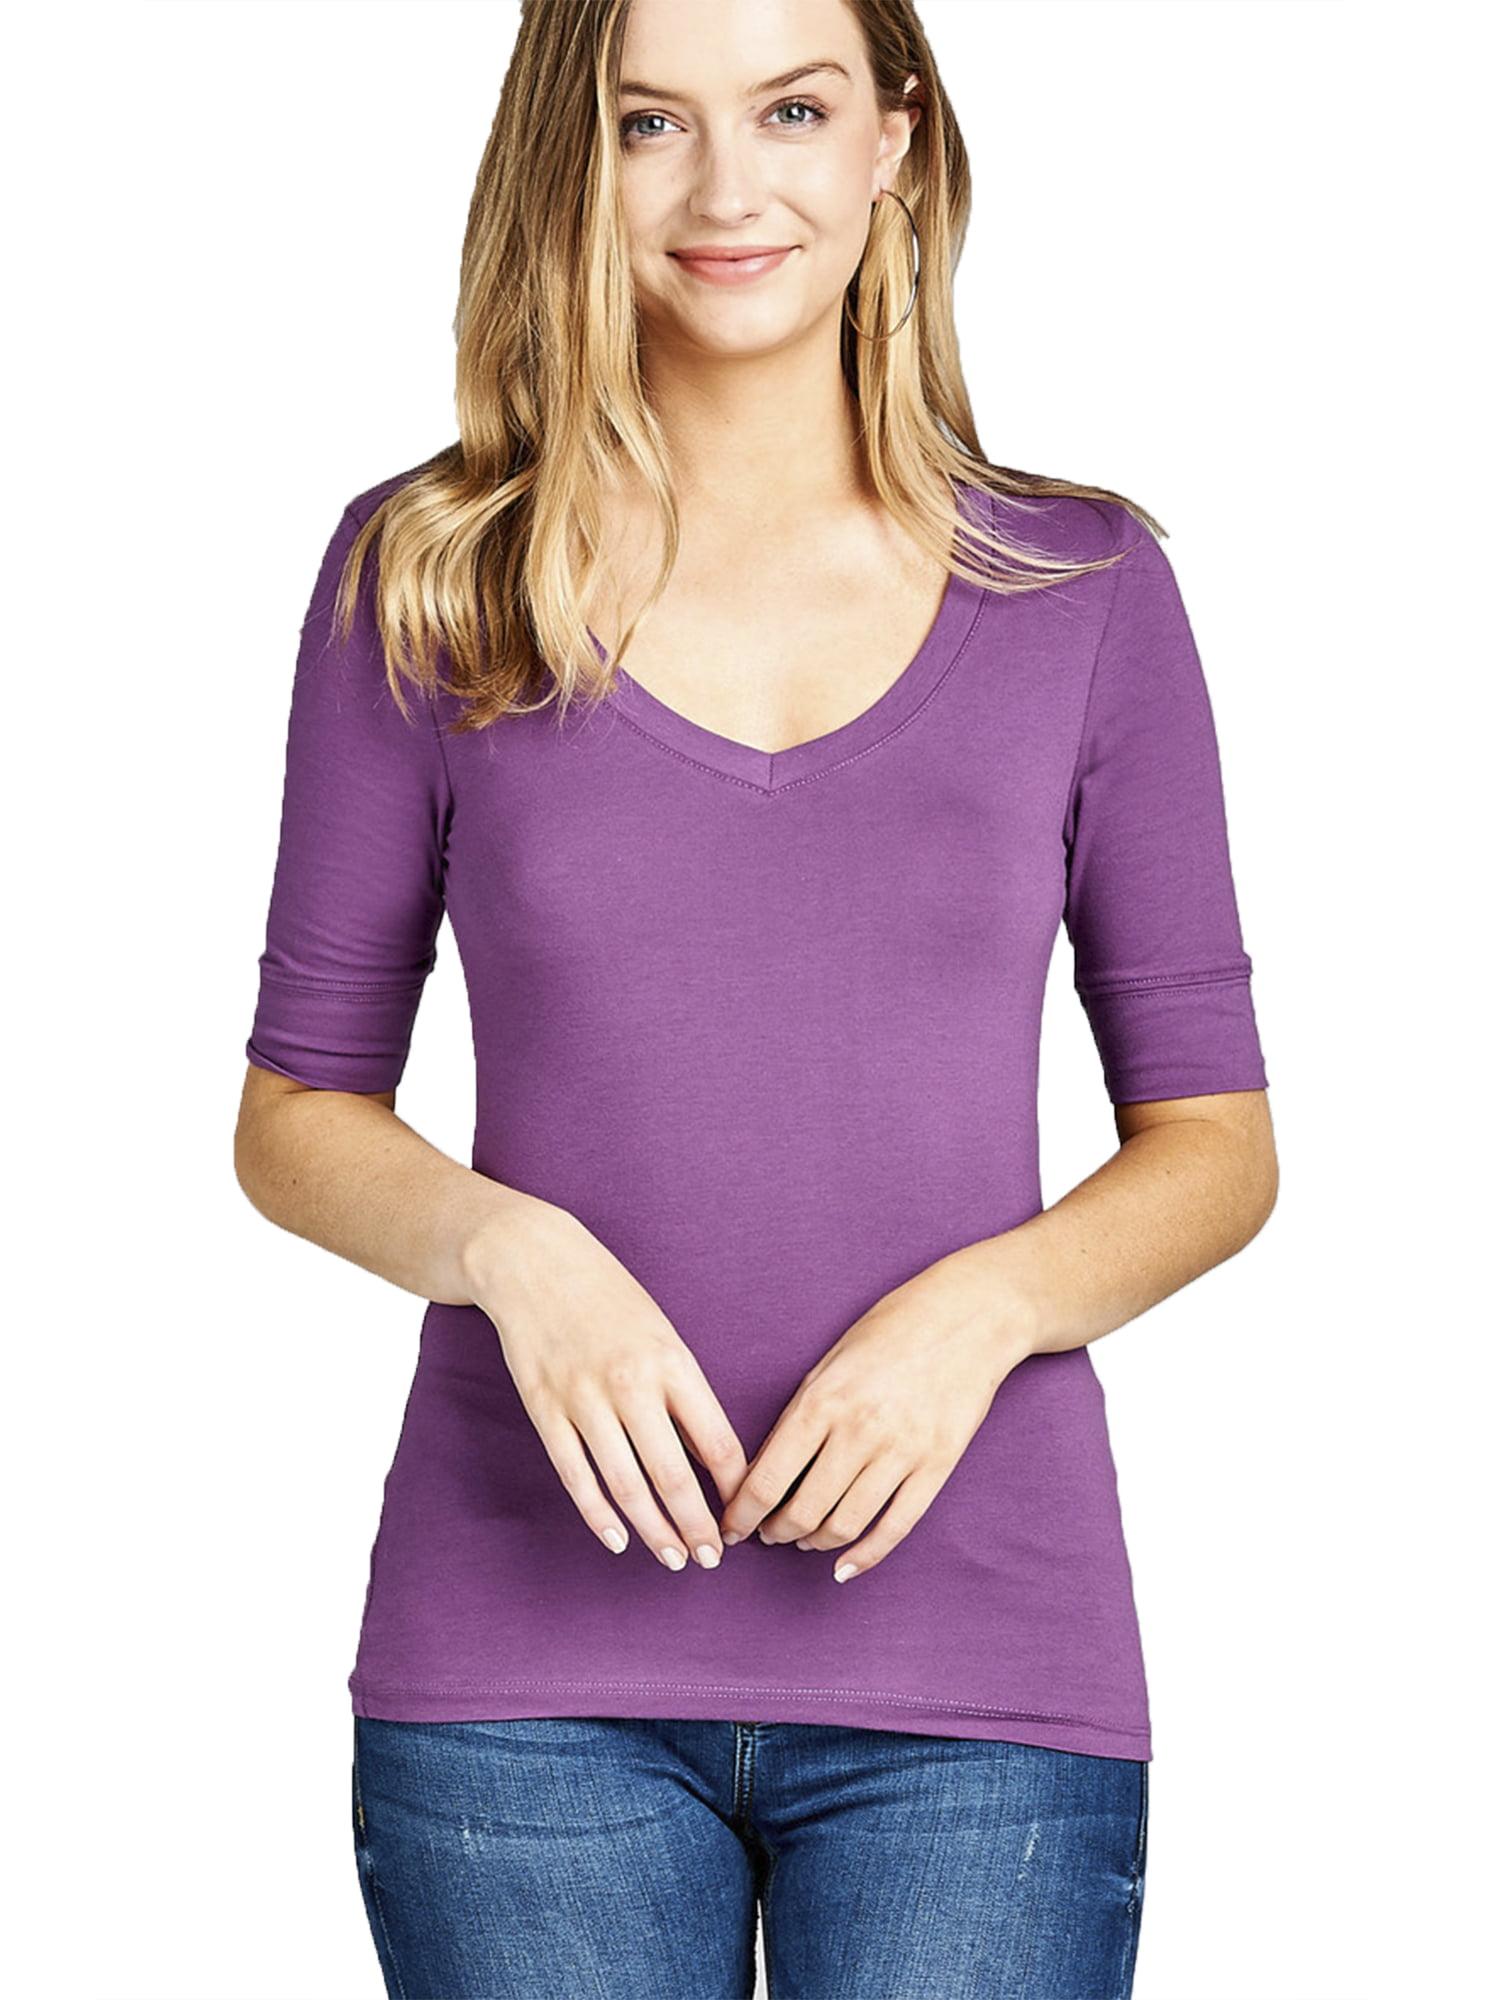 Emmalise Womens Slim Athletic Fit Vneck Tshirt Half Sleeves Top